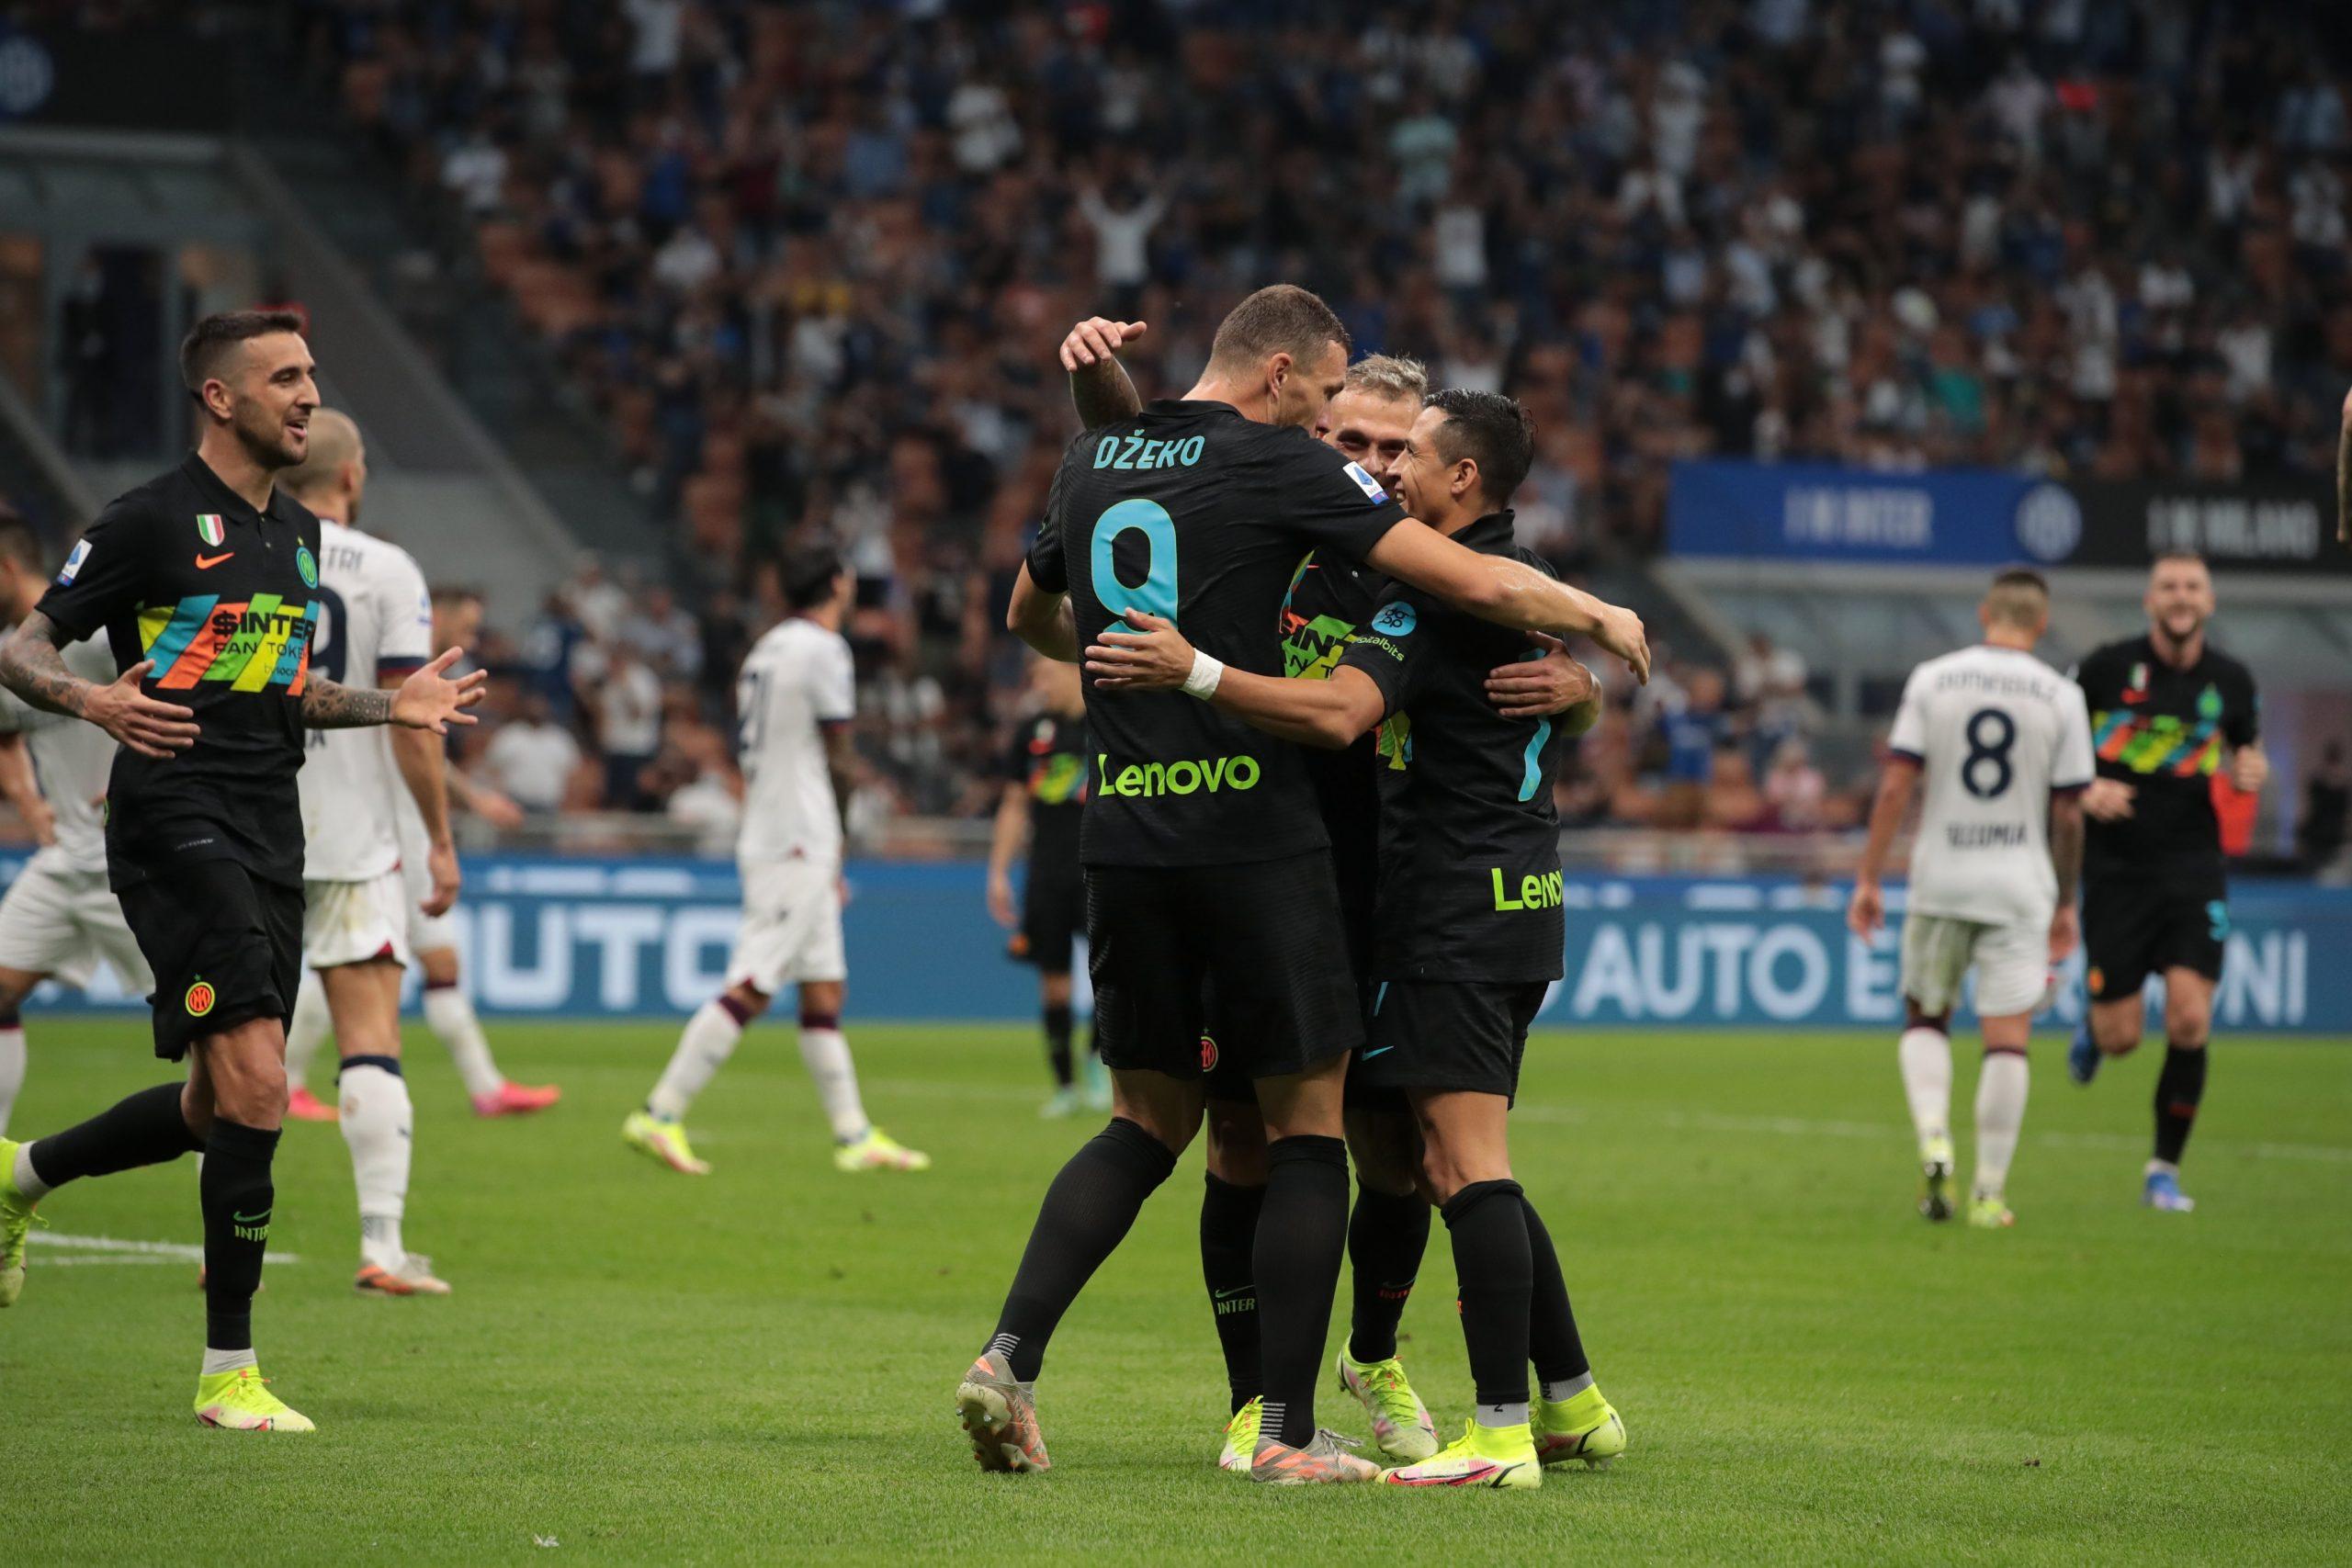 Inter Bologna 6 1, festa nerazzurra: pagelle e tabellino